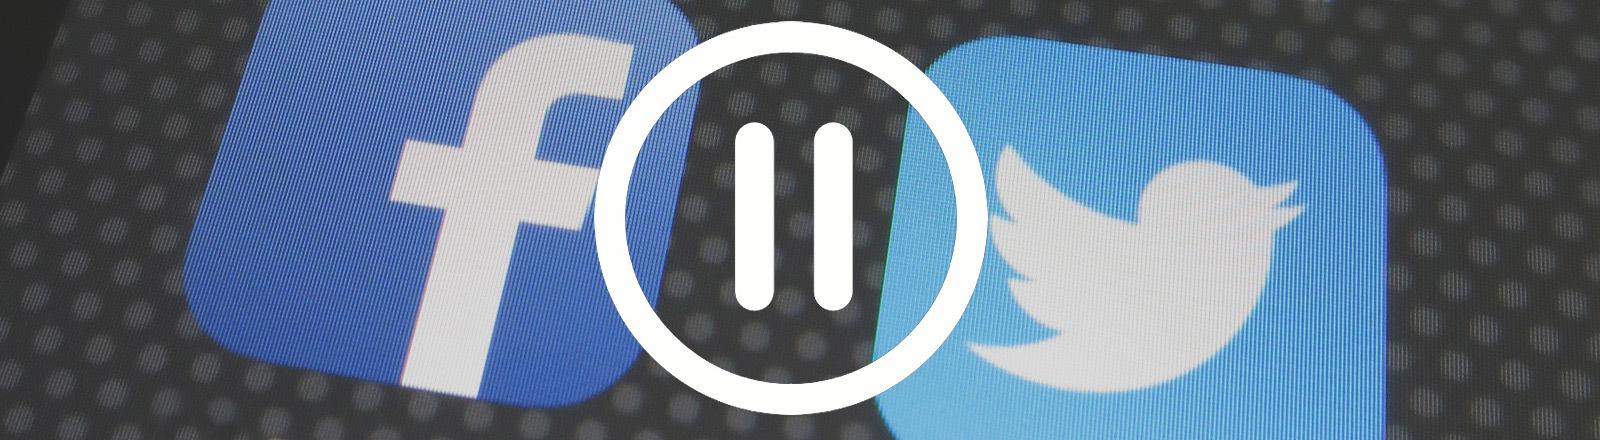 Symbolbild: Pause für Social Media